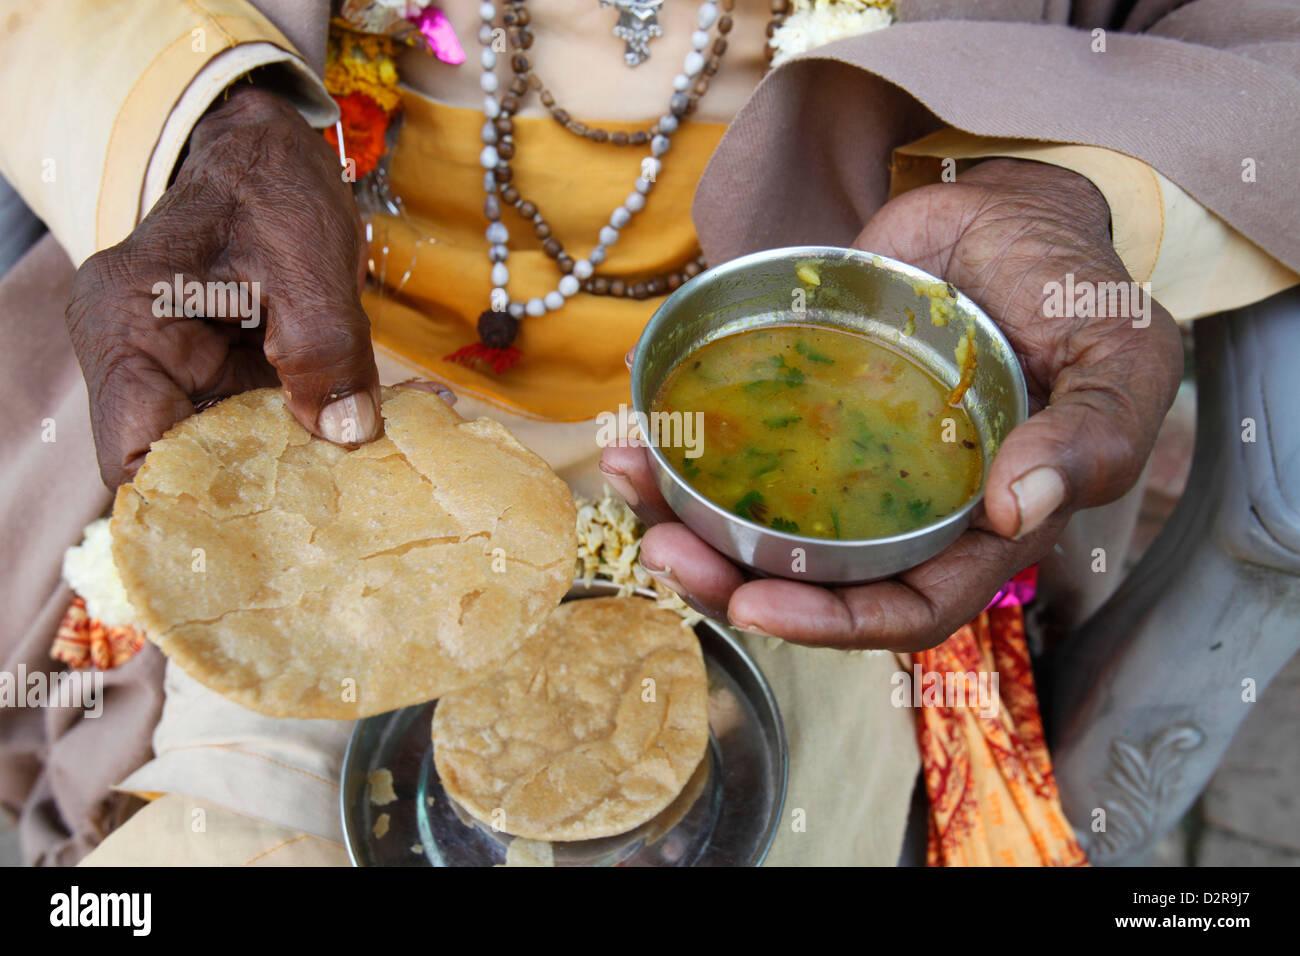 Sadhu eating vegetarian food, Dauji, Uttar Pradesh, India, Asia - Stock Image